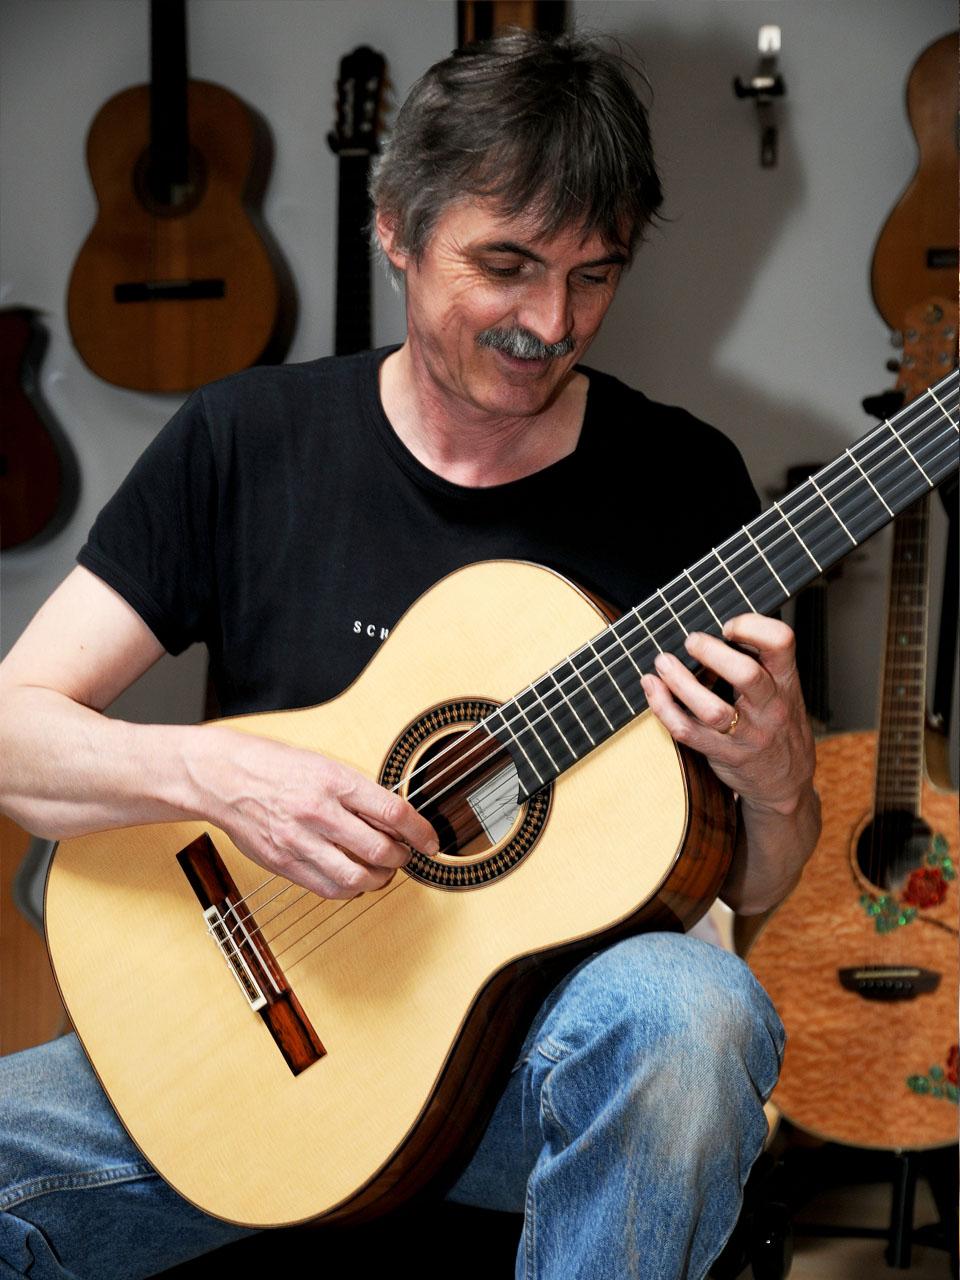 Werni Mit schär gitarren am spielen grösse1